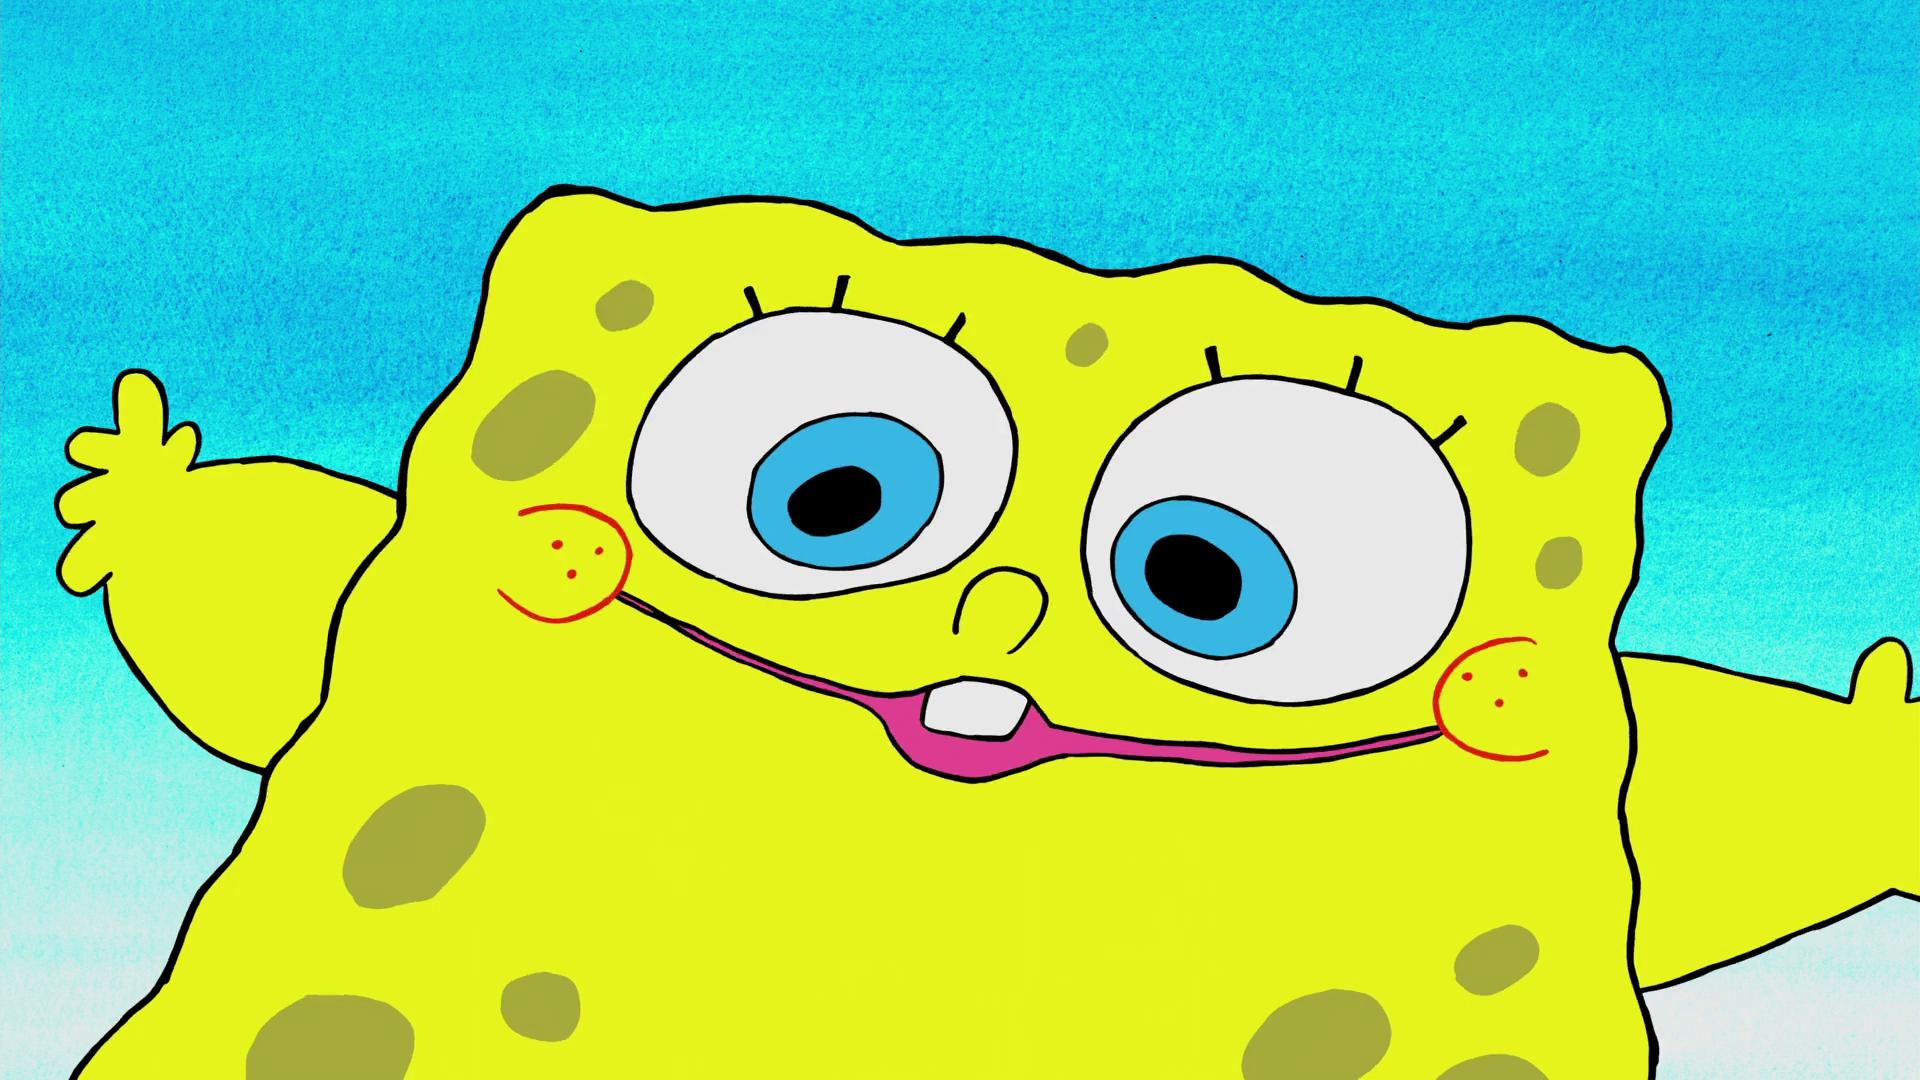 Giant Baby Spongebob Encyclopedia Spongebobia Fandom Powered By